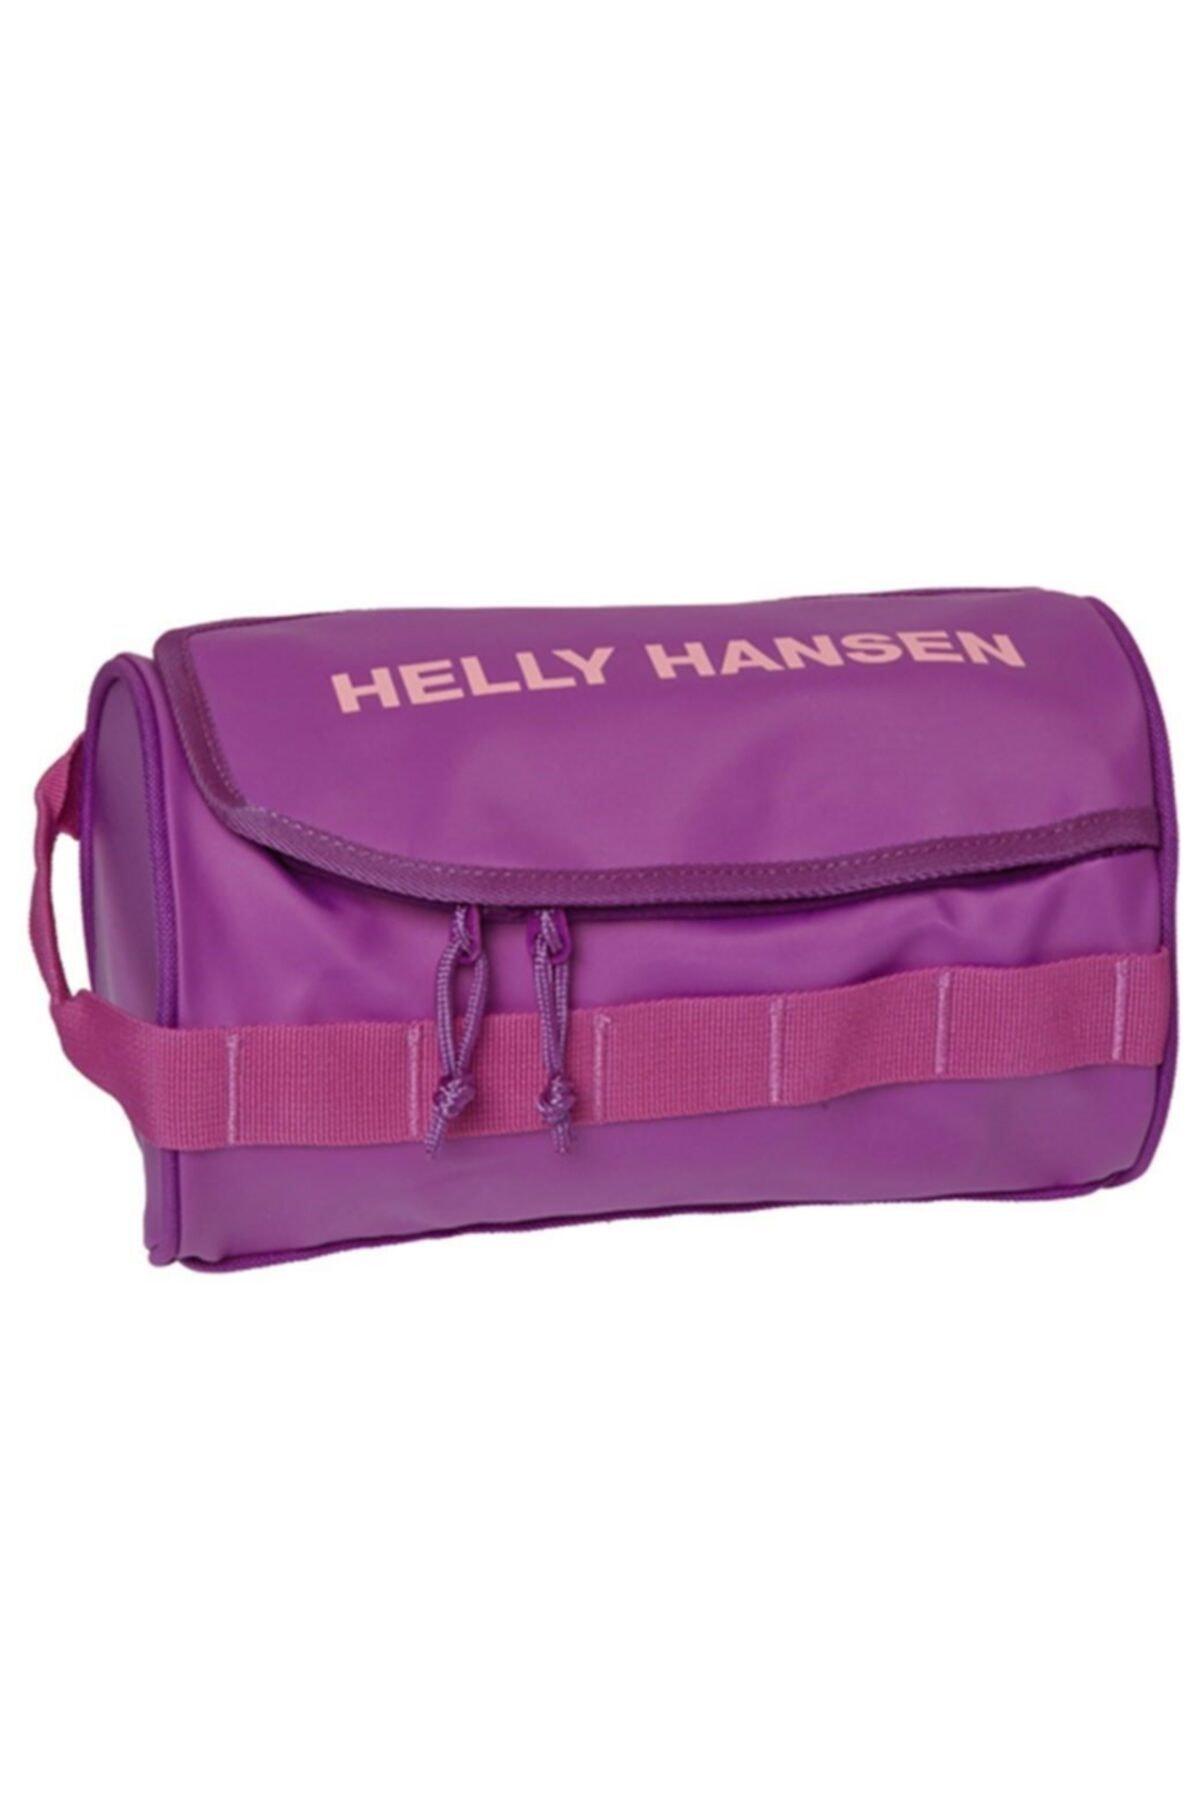 Helly Hansen Wash Bag 2 Fuşya 1